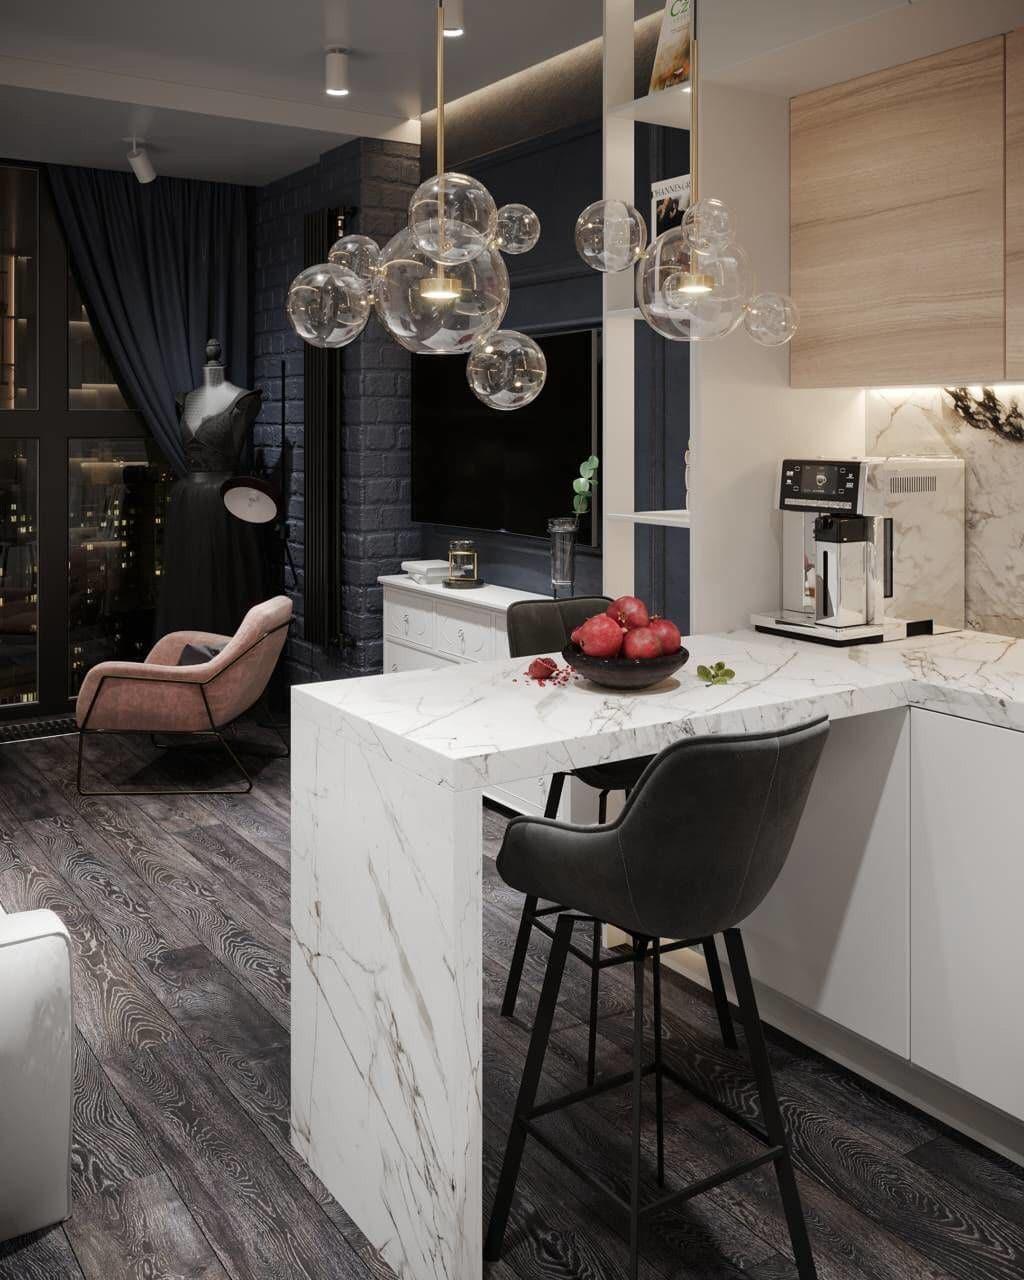 Барная стойка из столешницы белого цвета. Дизайн проект студии 25 кв м в современном стиле.